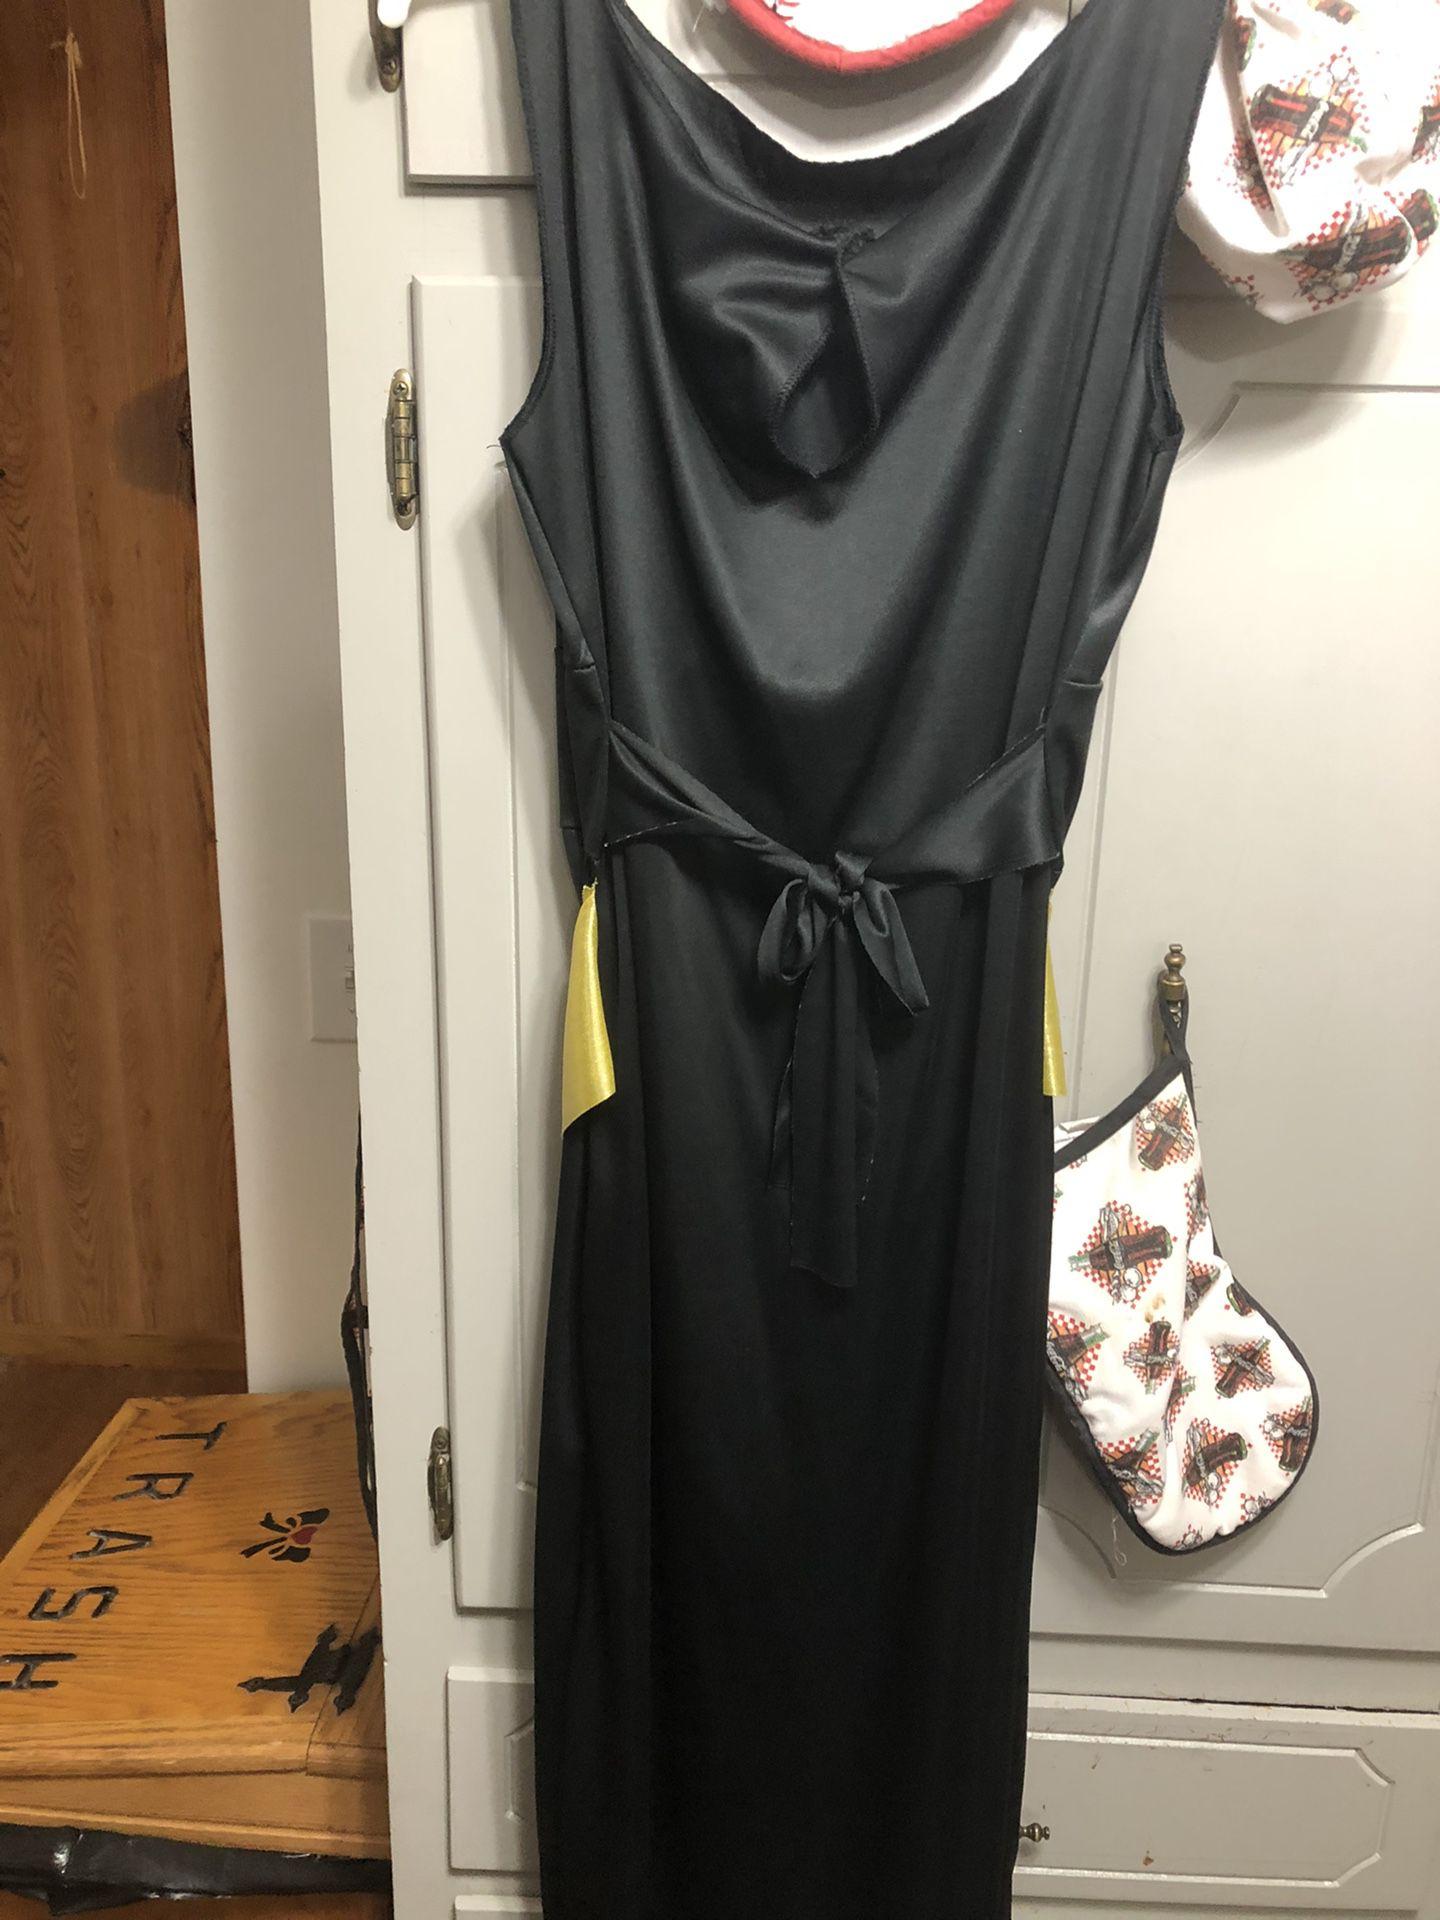 Black Dress For Halloween